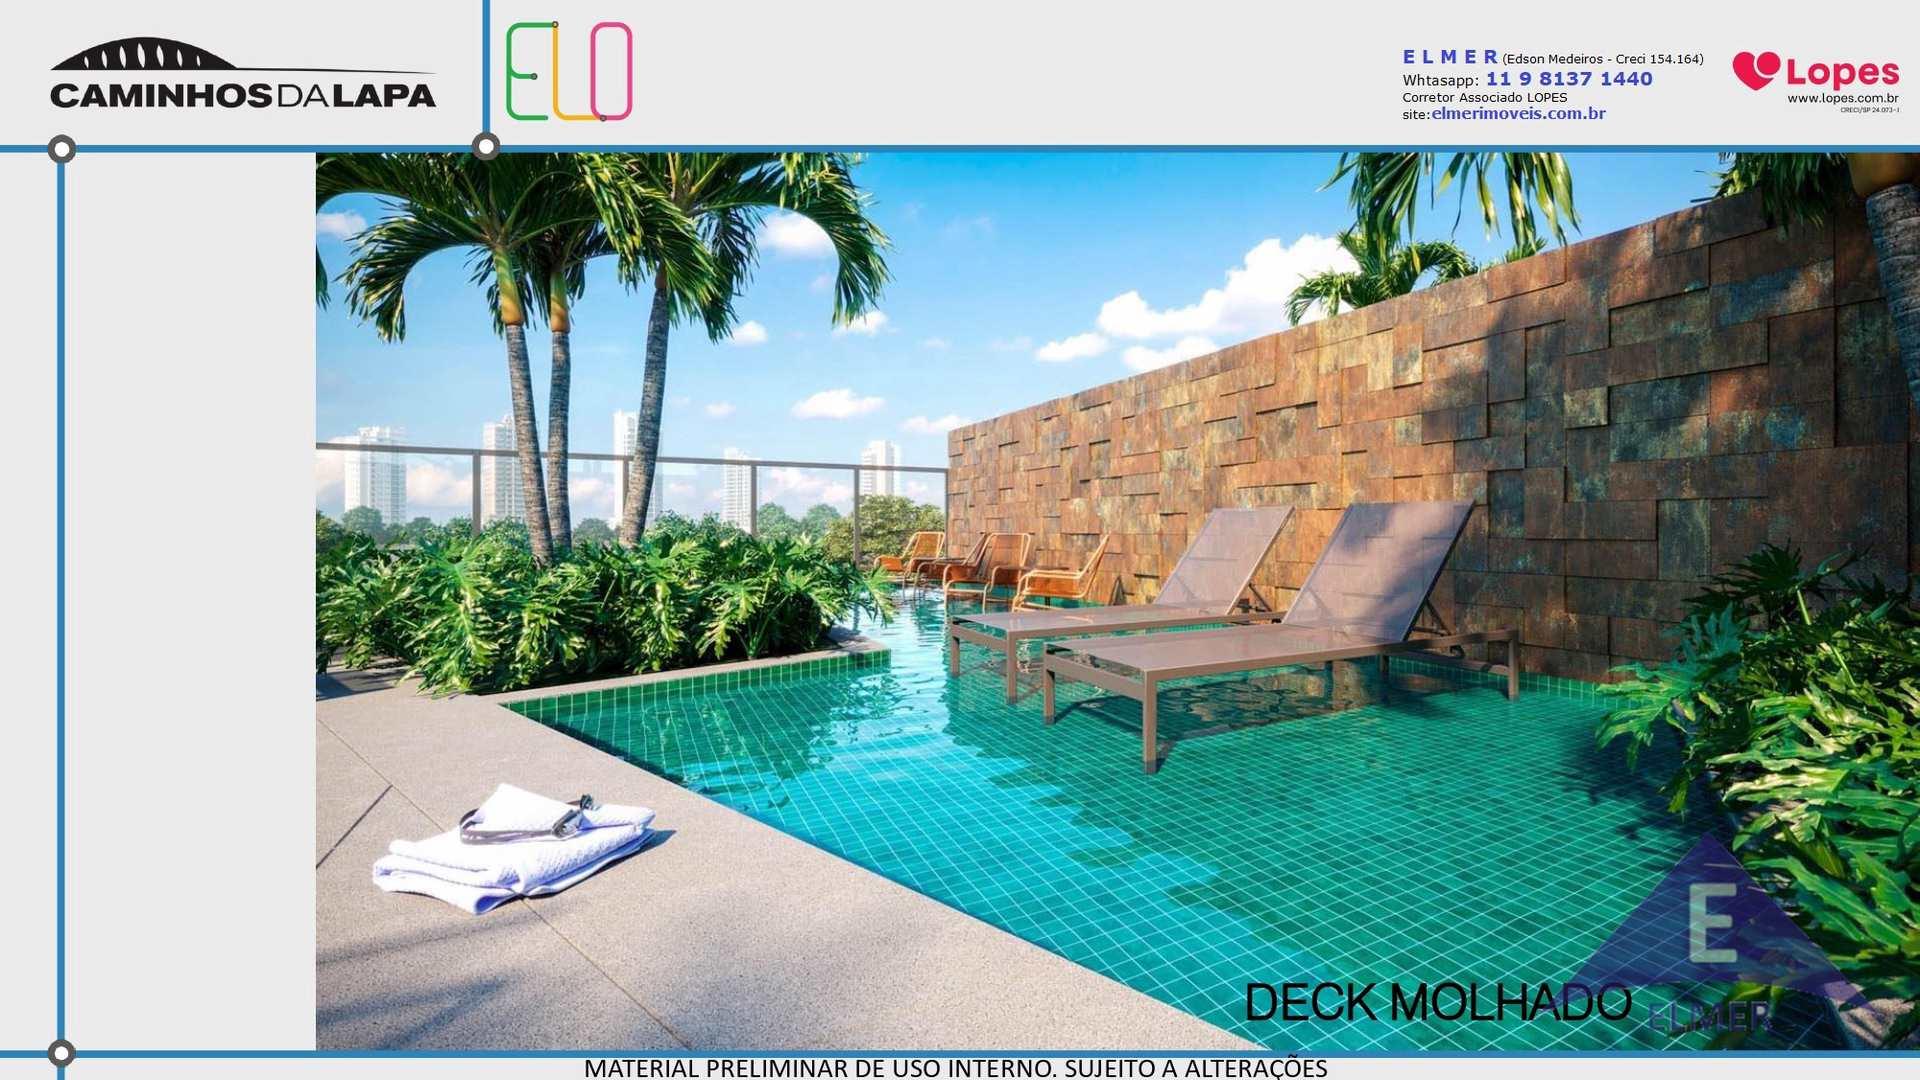 ELO - Deck molhado - Elmer